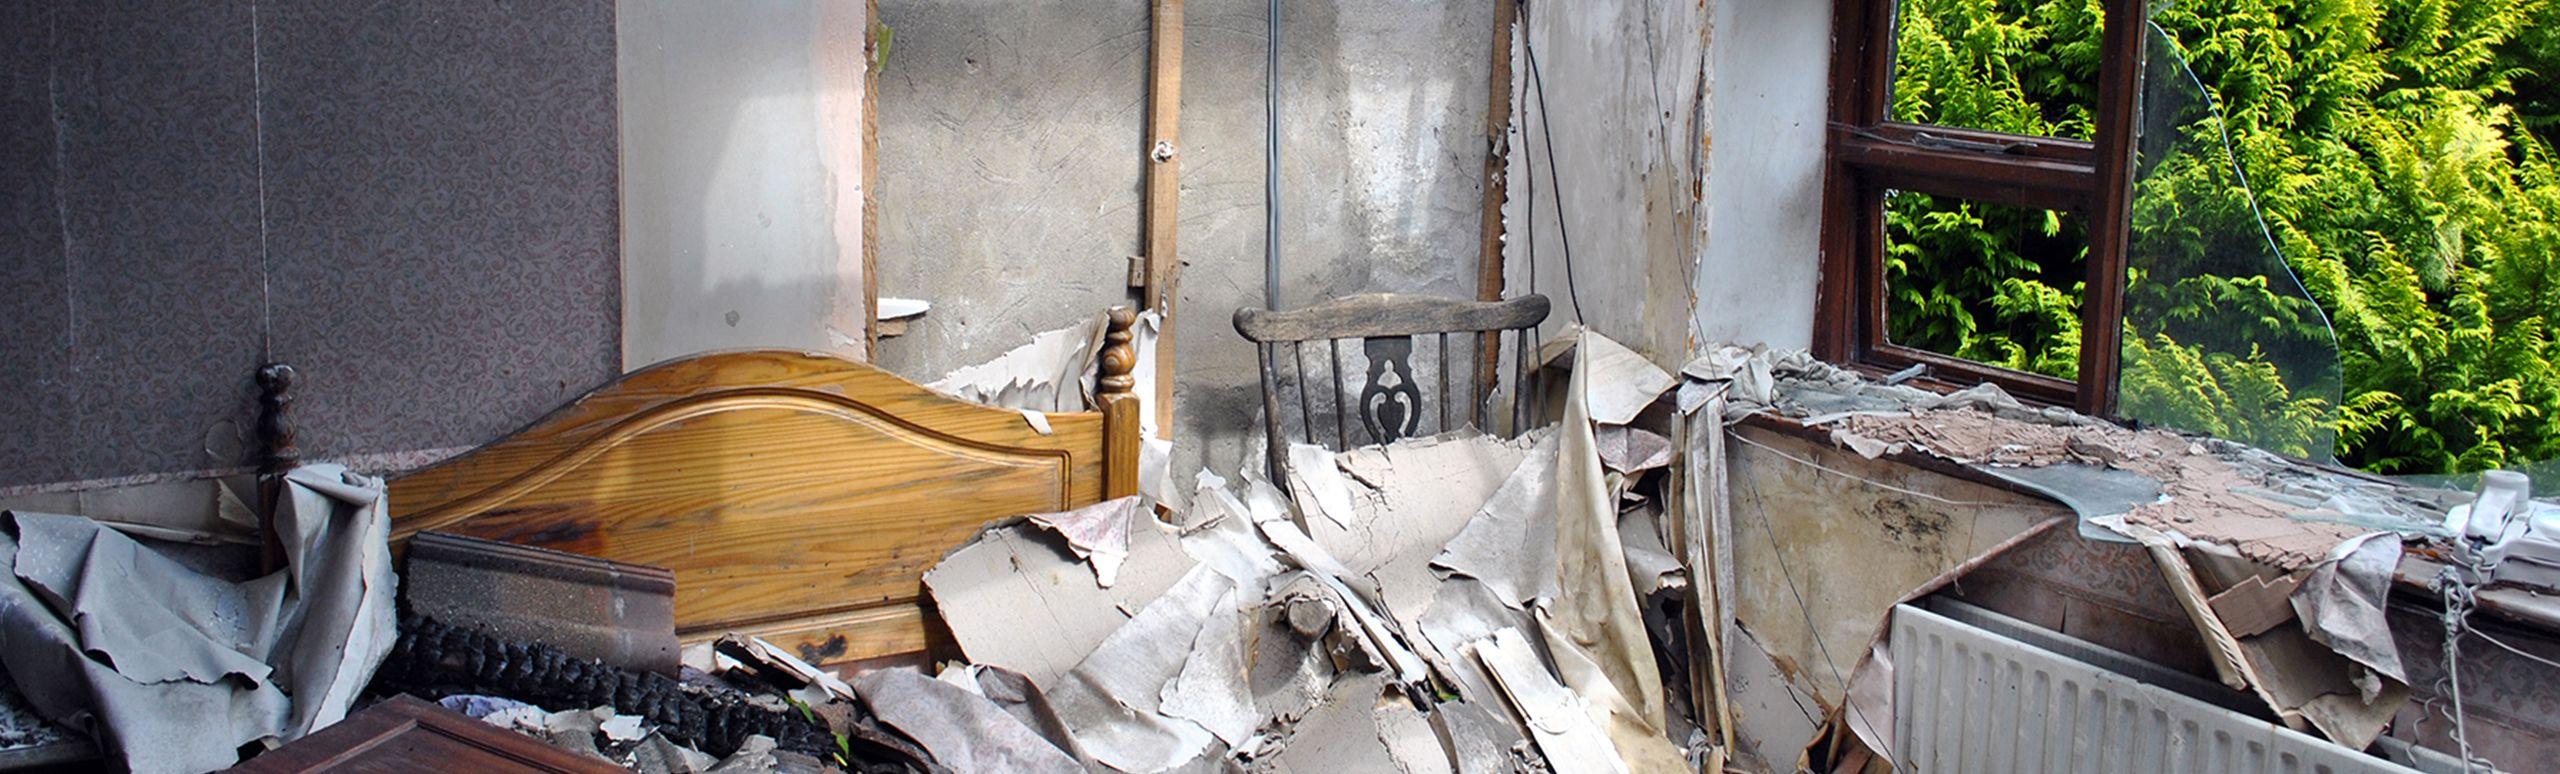 Incendi e allagamenti sono la causa di gravi danni alle abitazioni: http://mbecocleaning.com/index.php/pulizia-post-incendio/ #Puliziapostincendio #impresadipulizie